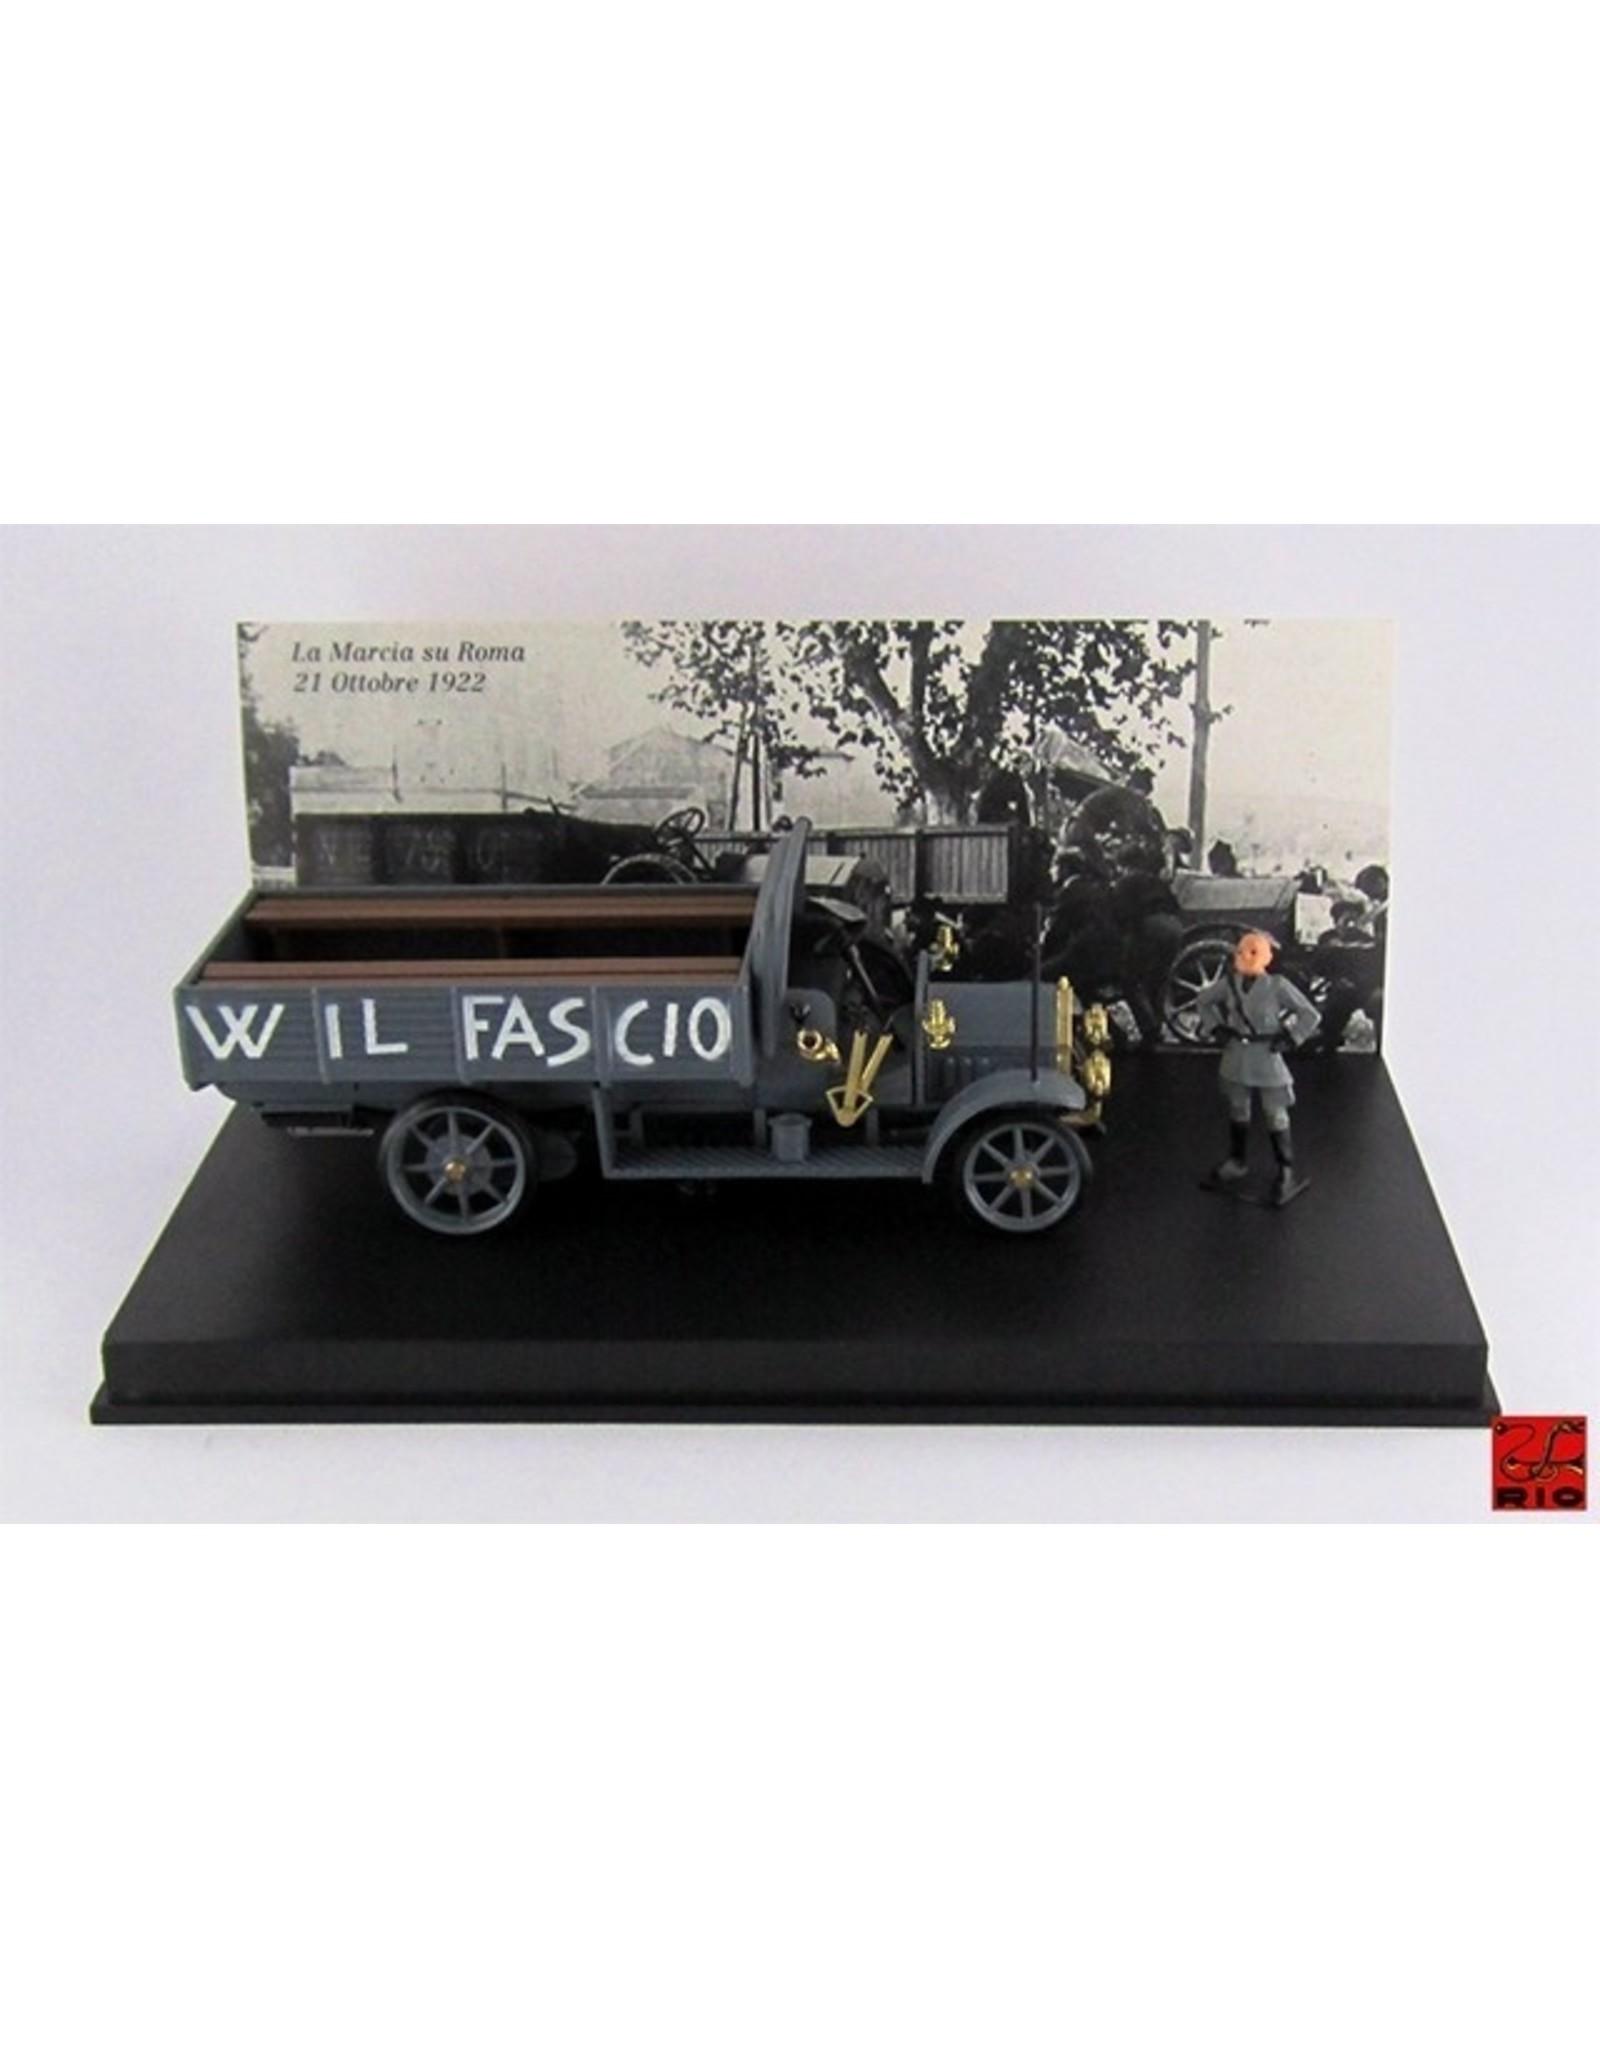 Fiat Fiat 18BL Truck The March to Rome 22 Oct. 1922 + Figure Mussolini 'W. IL Fascio' - 1:43 - Rio